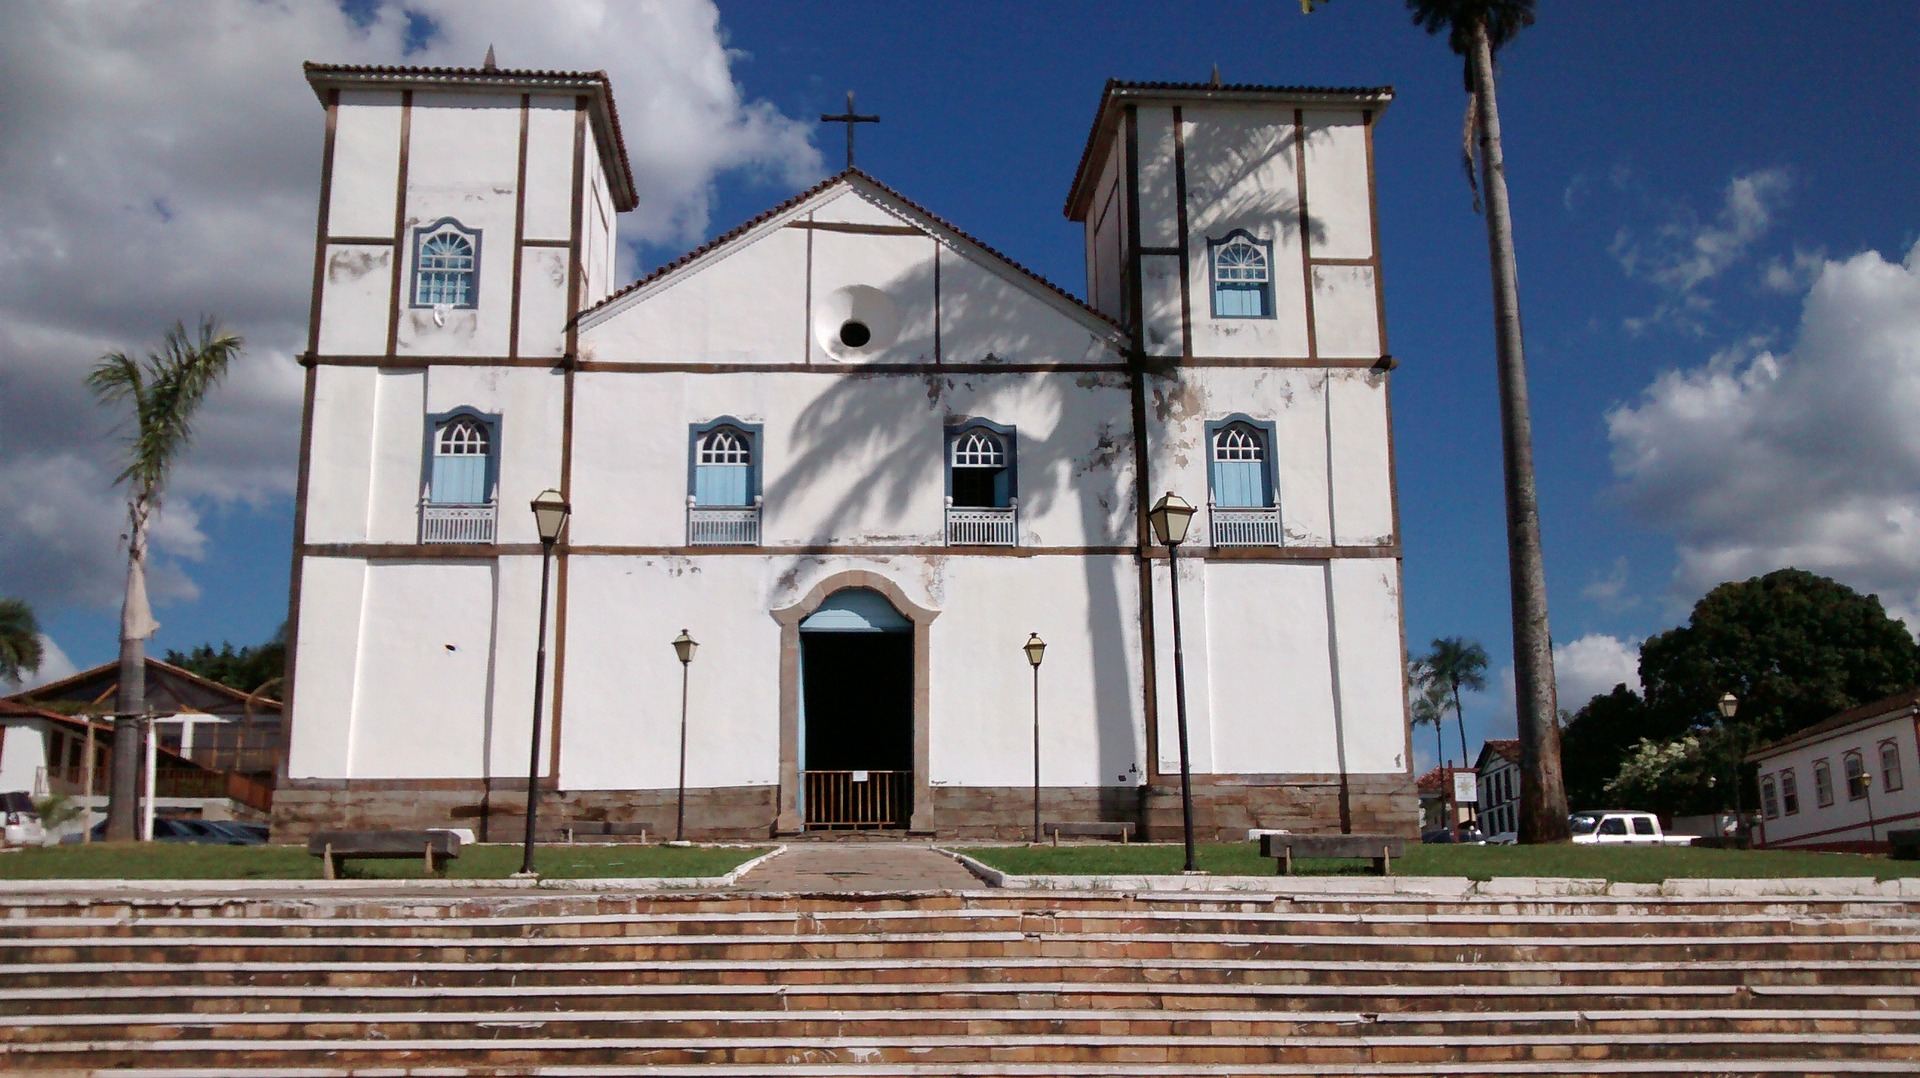 Indiara - Goiás